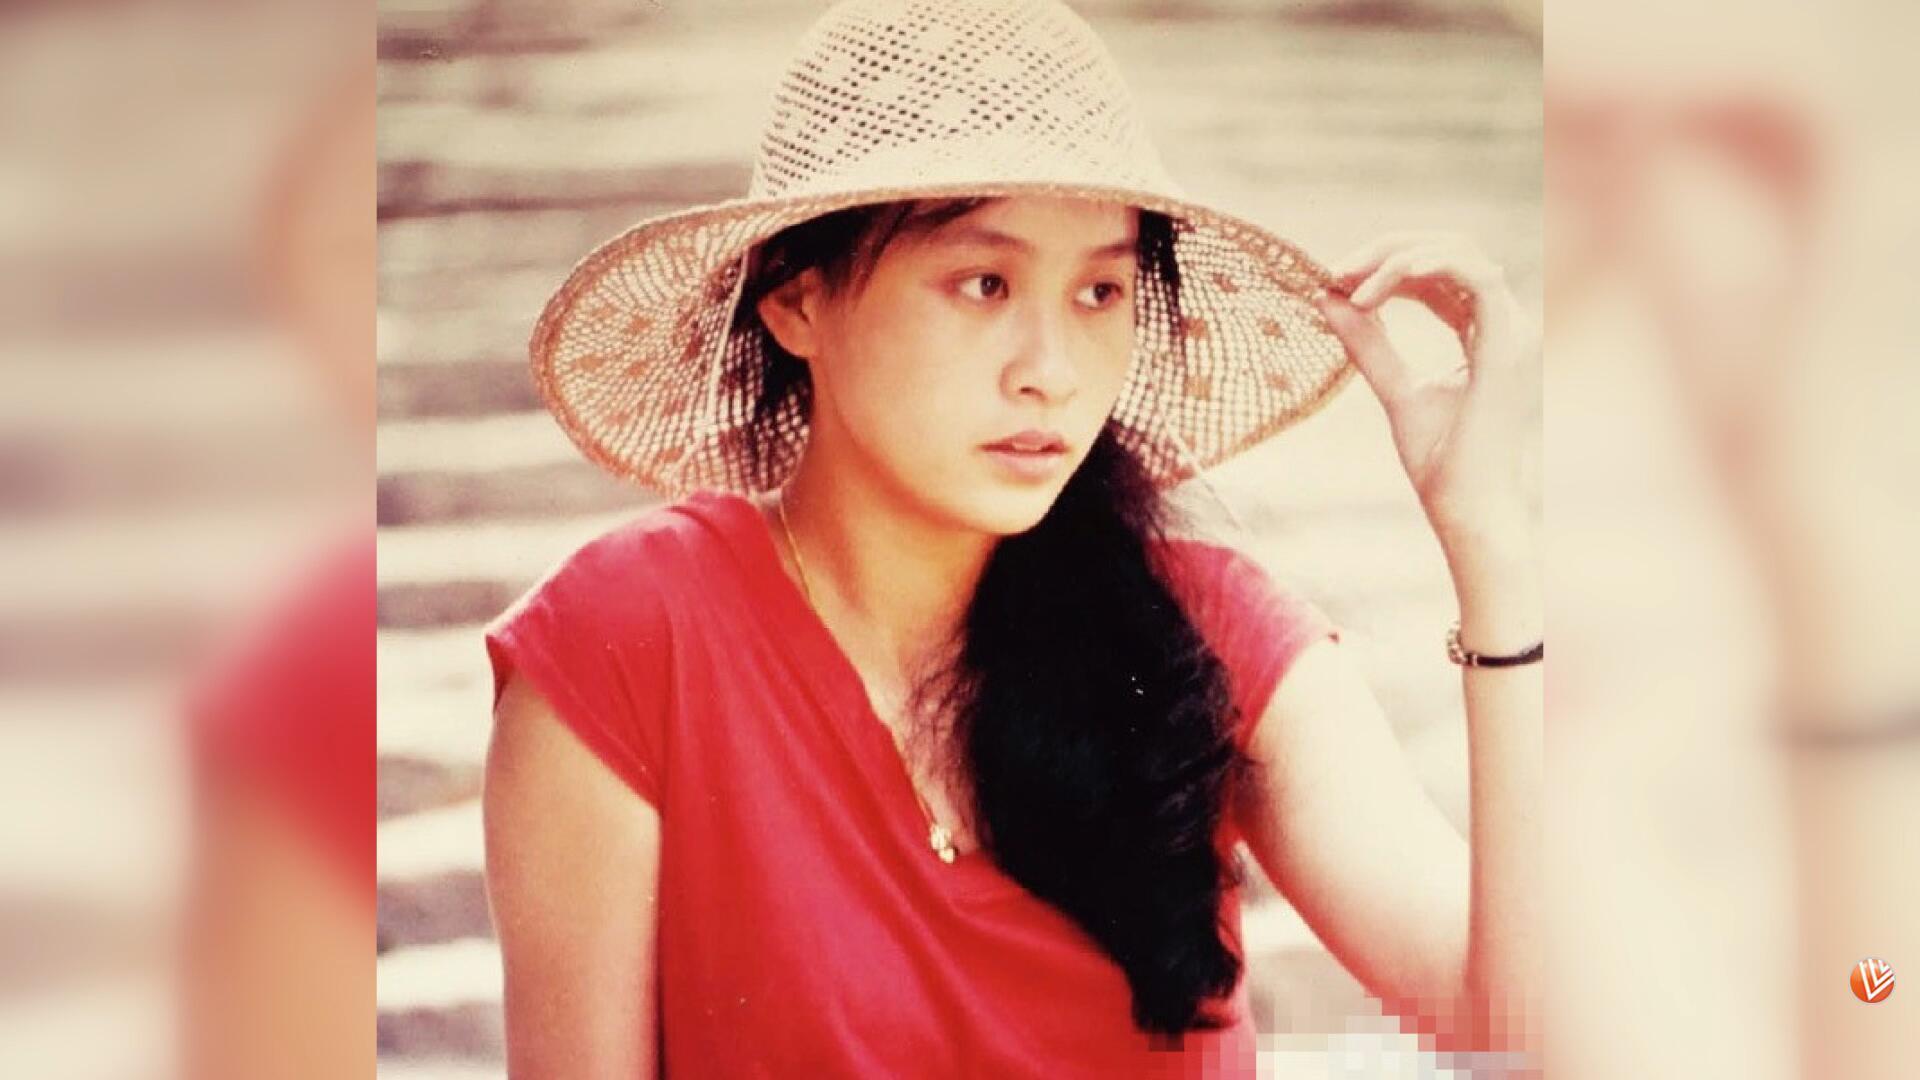 刘嘉玲晒18岁青涩少女照 别有一番妩媚甜美